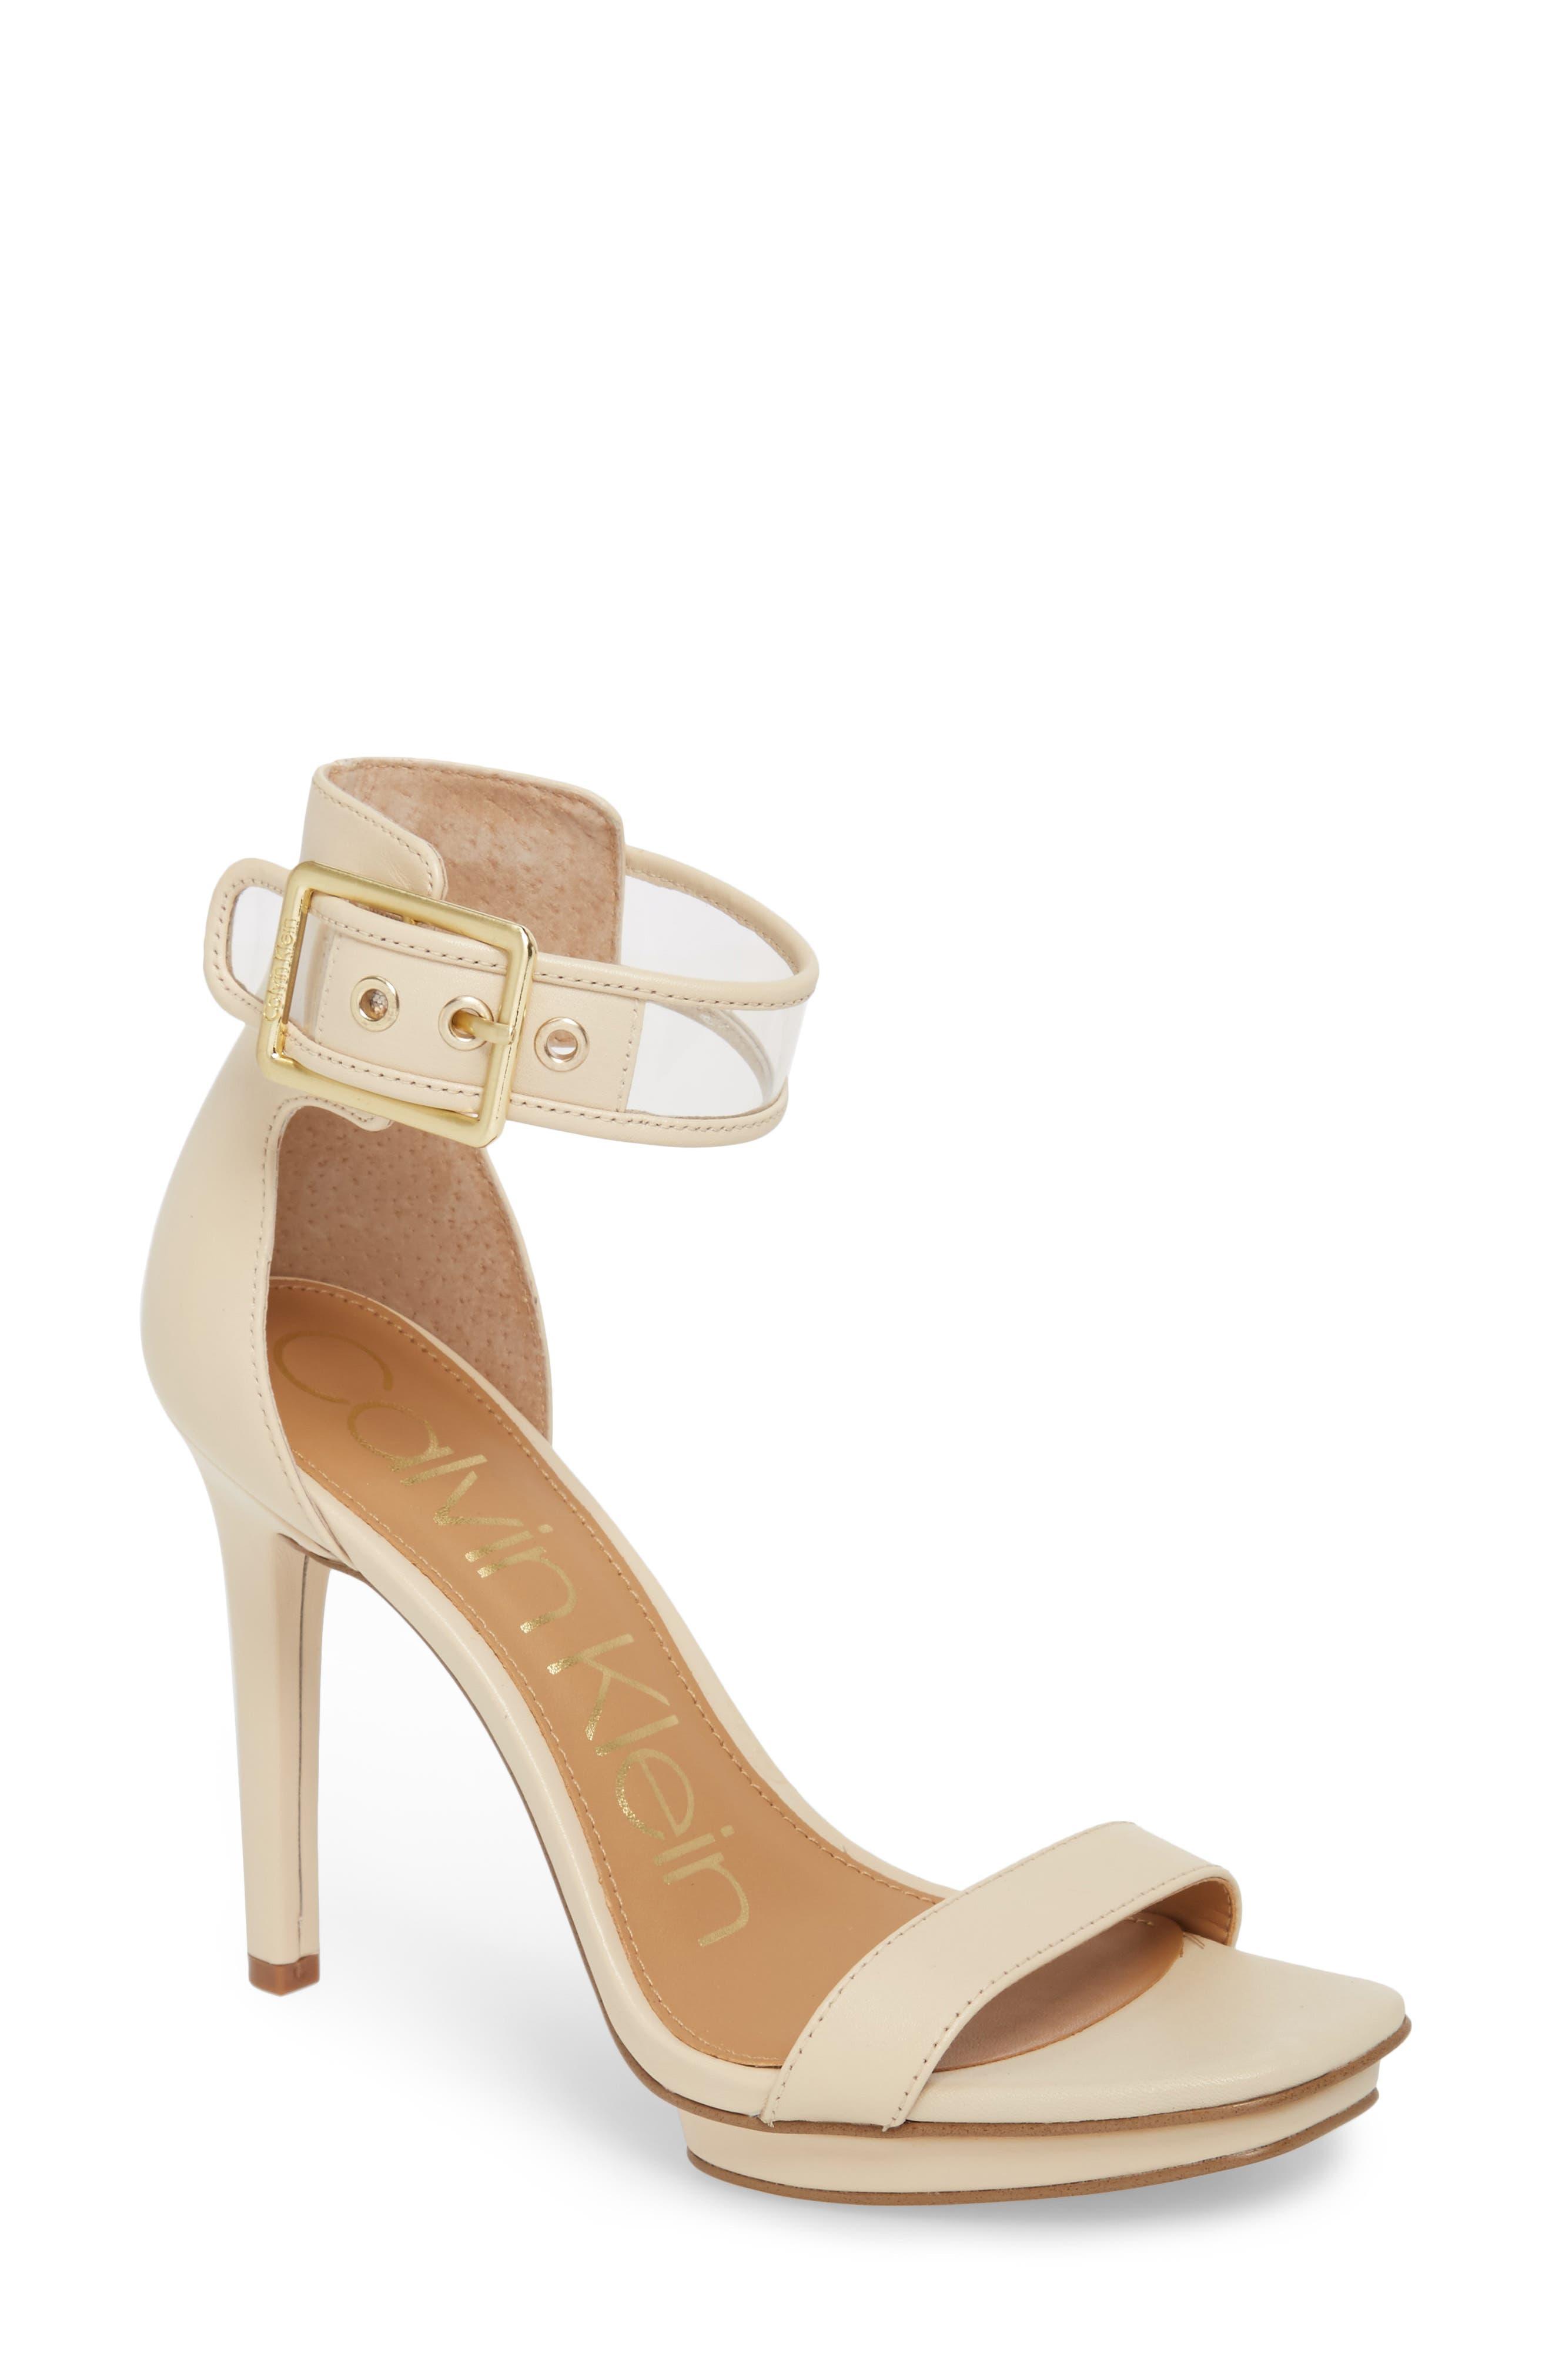 Alternate Image 1 Selected - Calvin Klein Vable Sandal (Women)